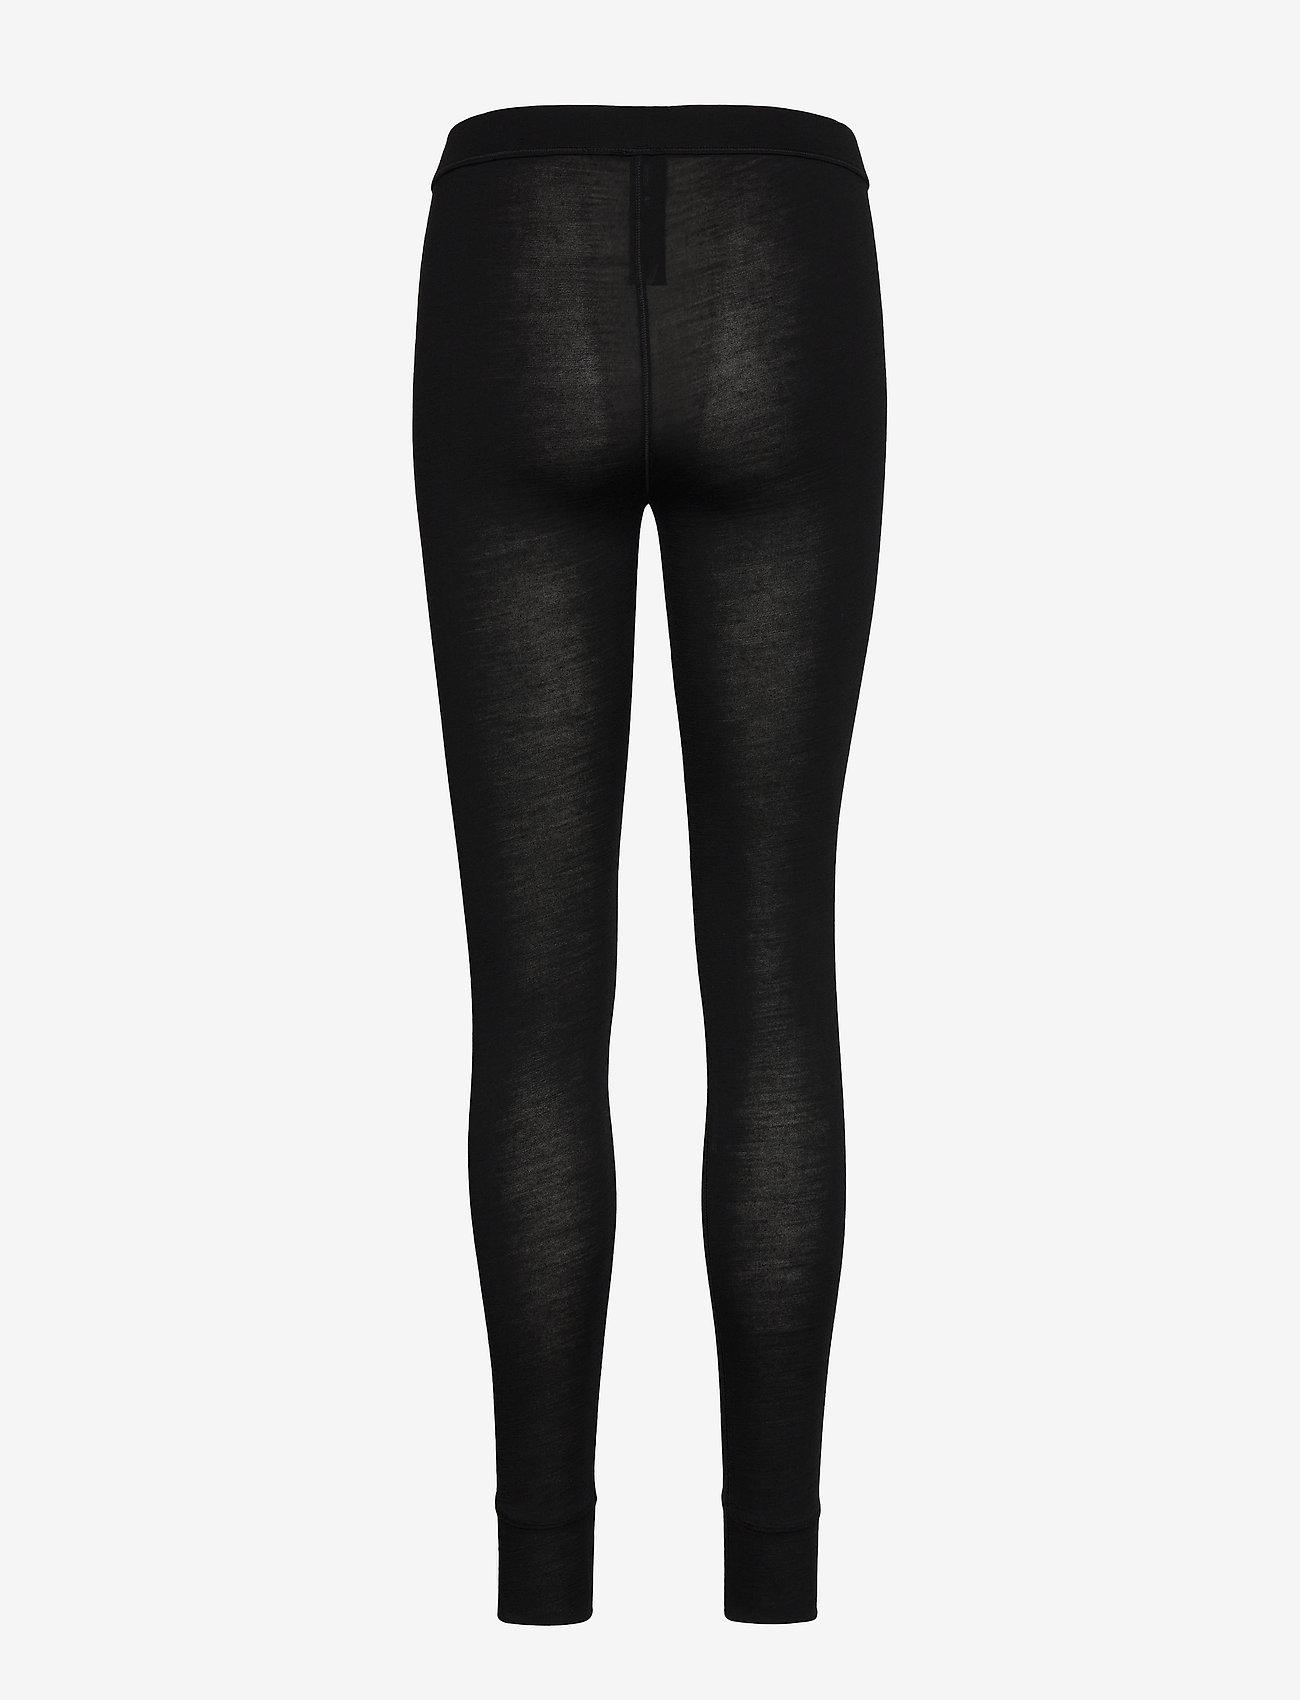 JBS of Denmark - JBS of DK pants wool - leggings - black - 1